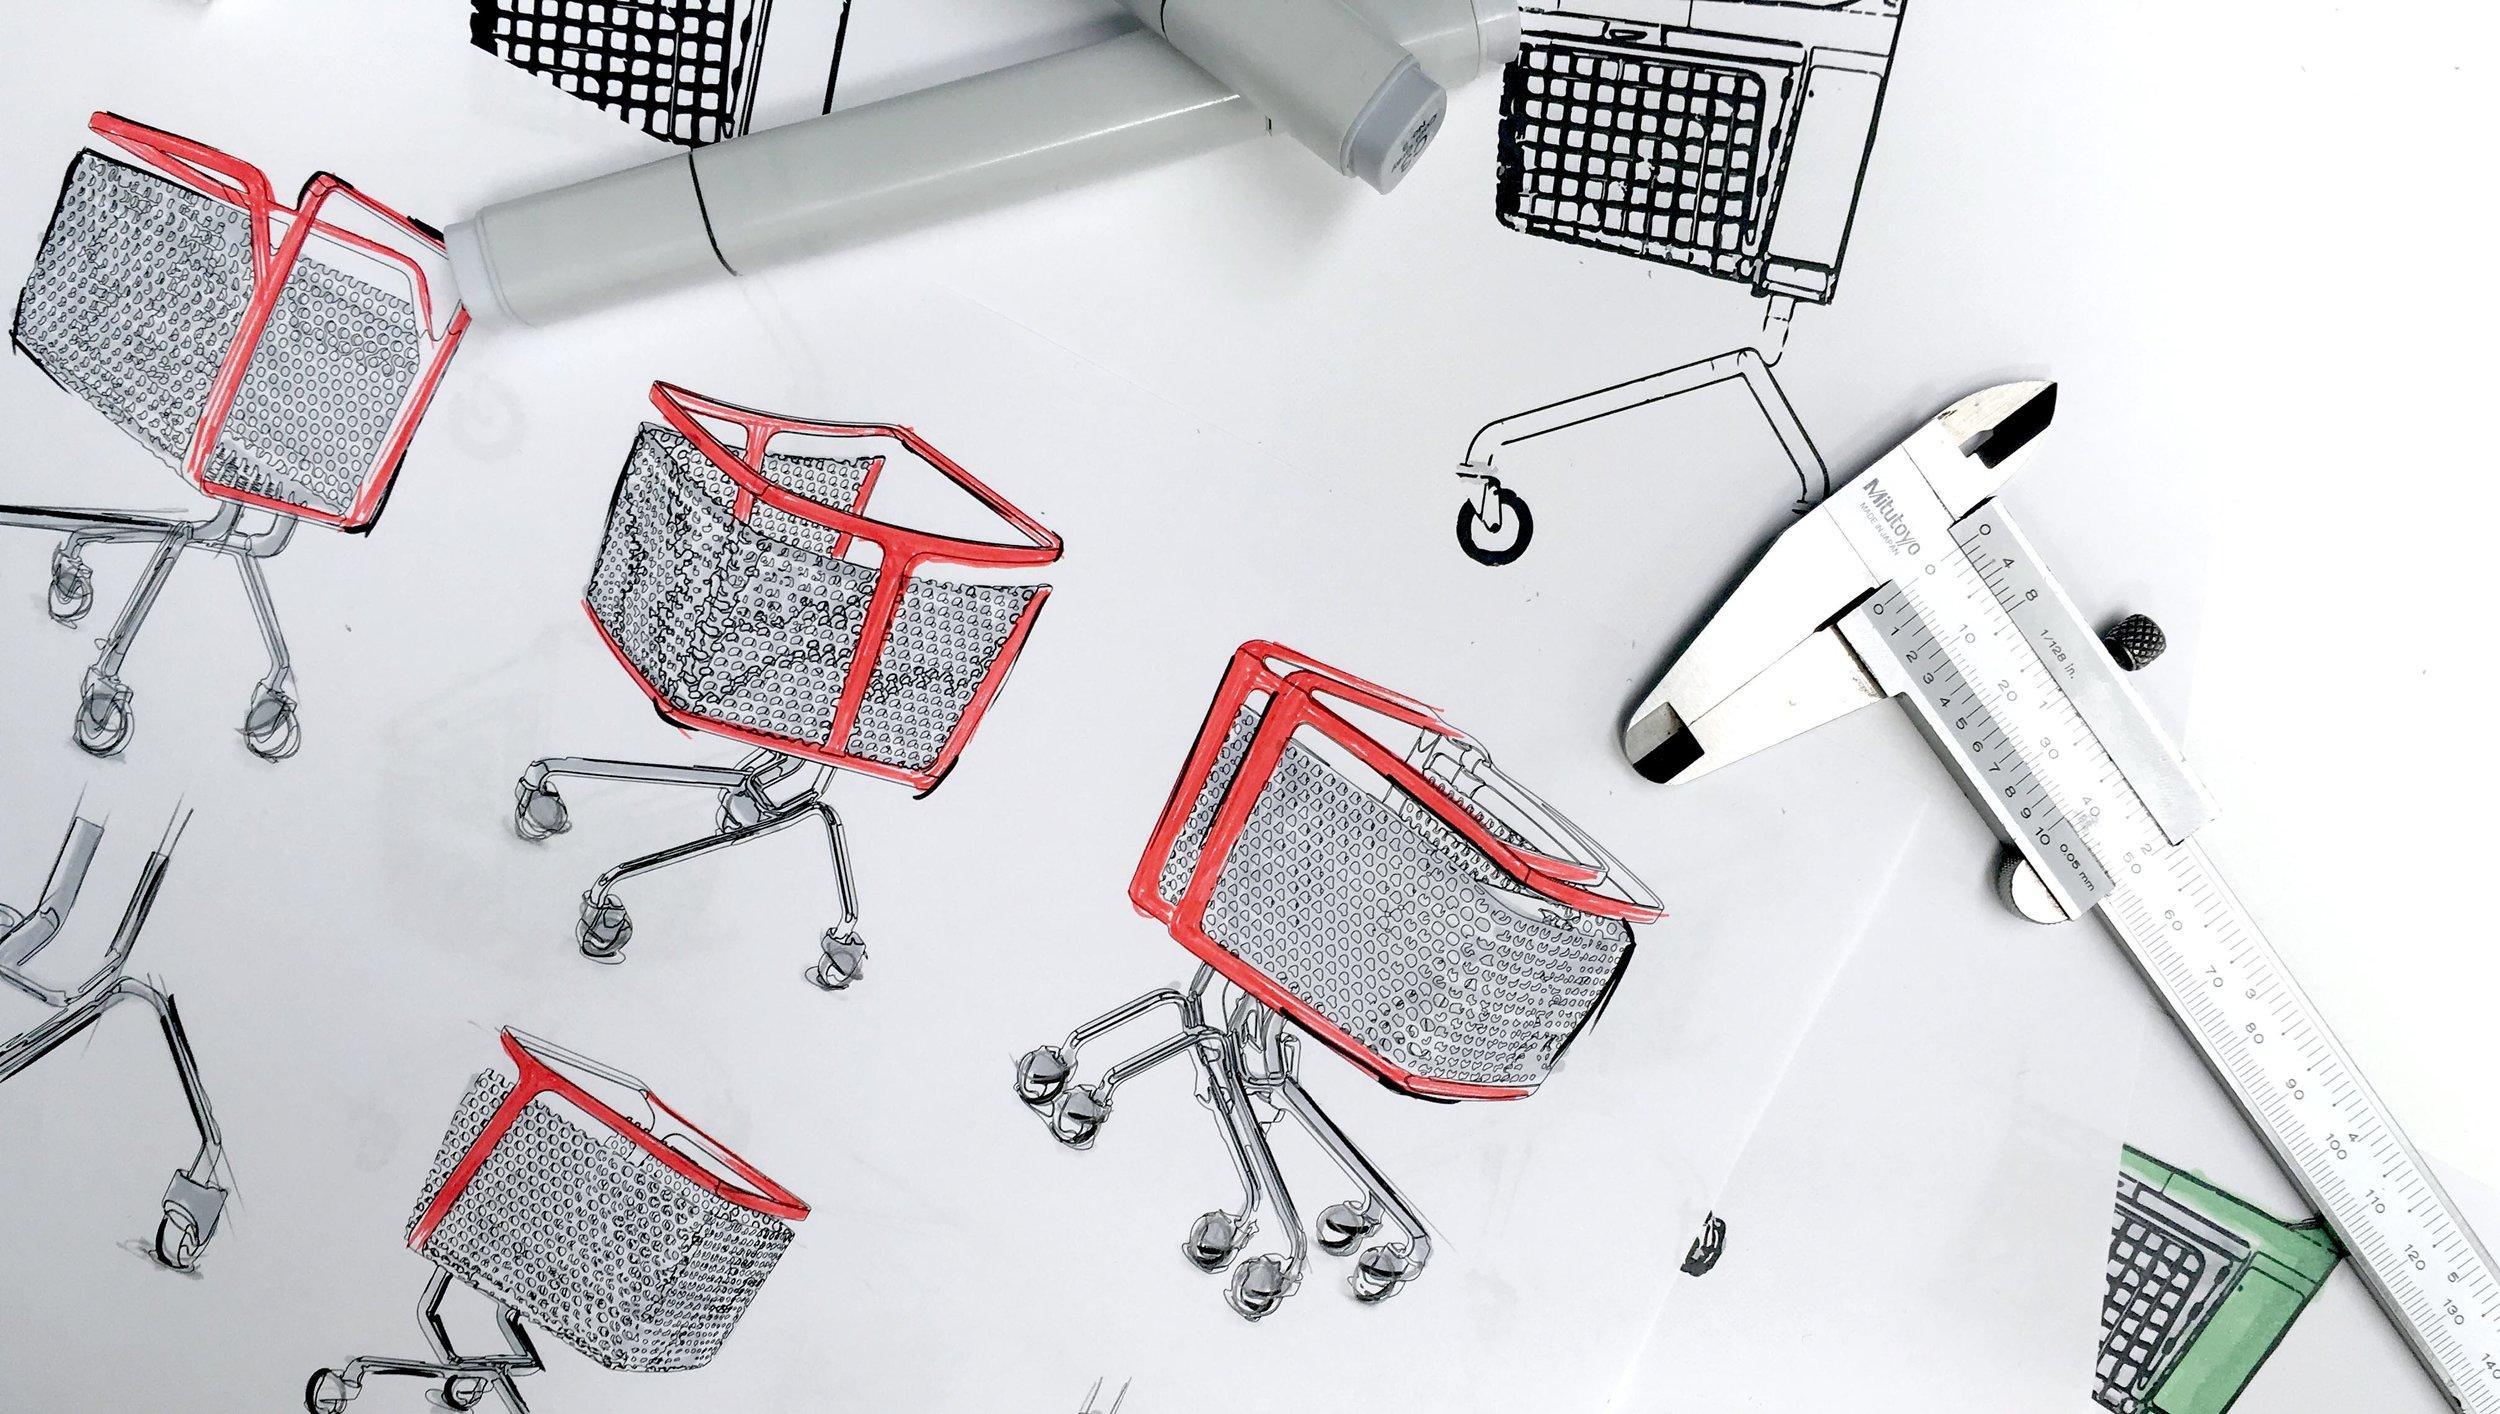 bravo-carrito-supermercado-croquis